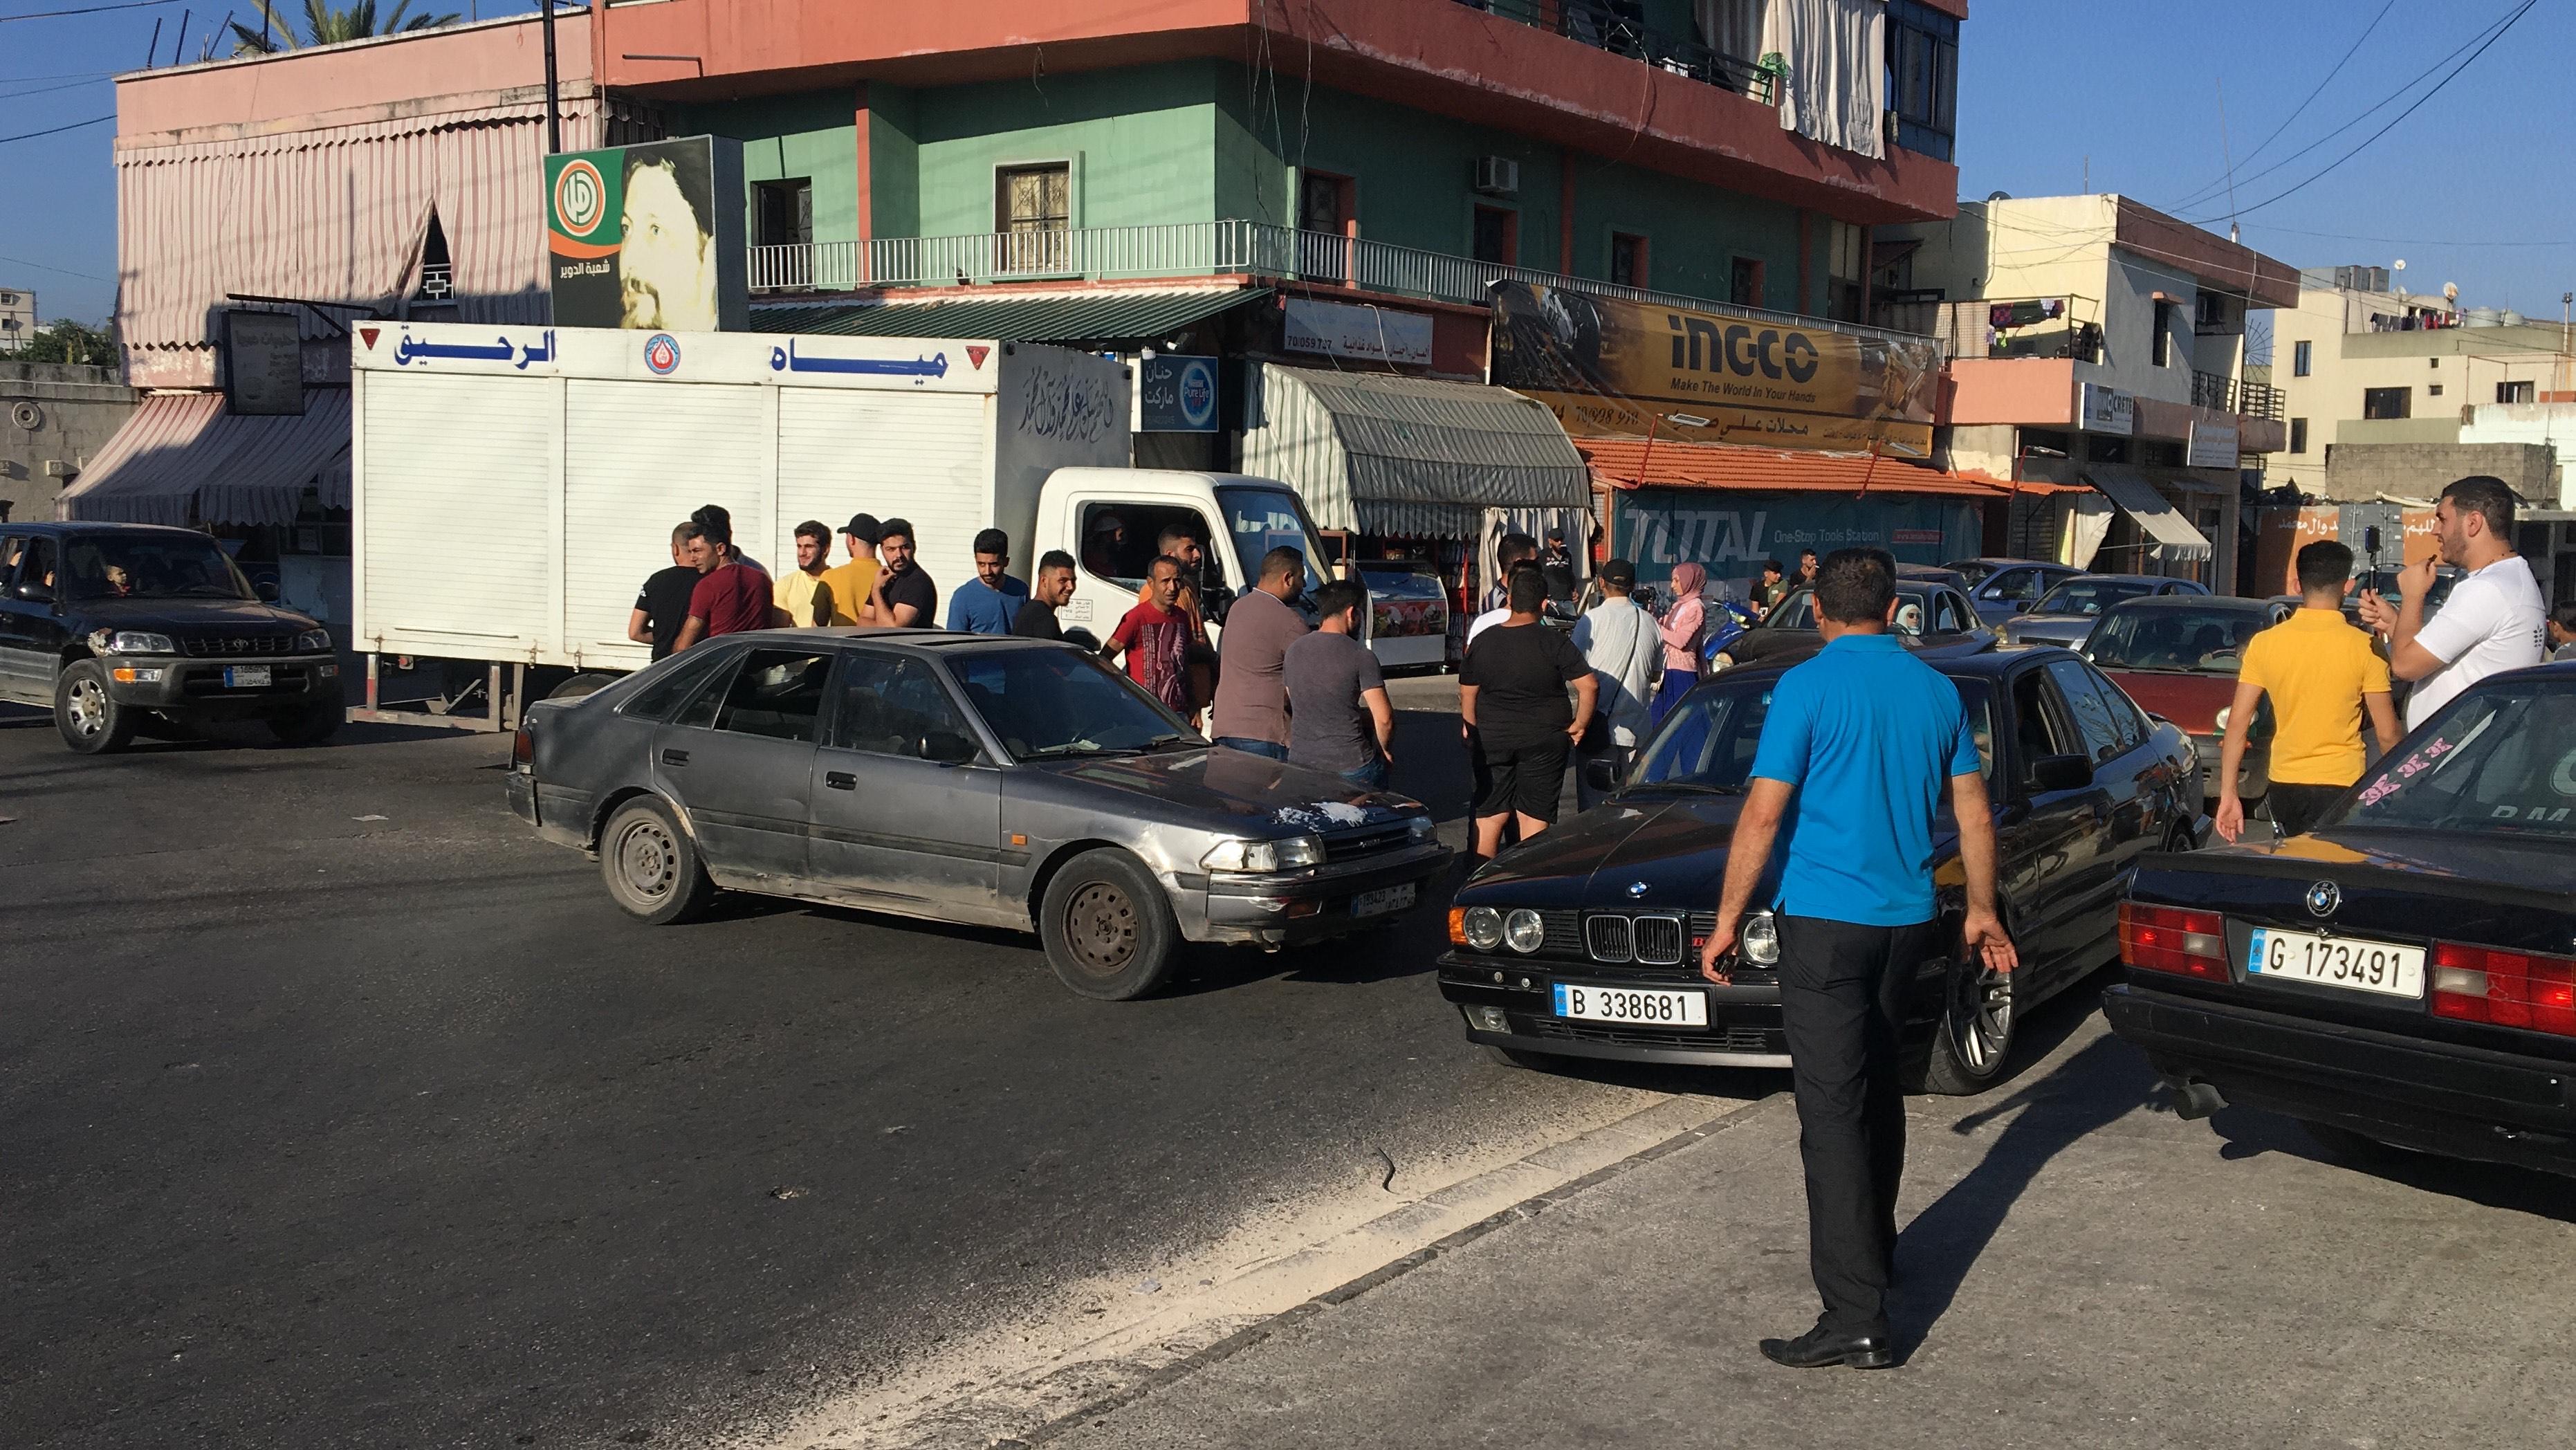 شبان في الدوير يحتجون على تردي الأوضاع المعيشية وارتفاع سعر صرف الدولار عند مفرق الشرقية